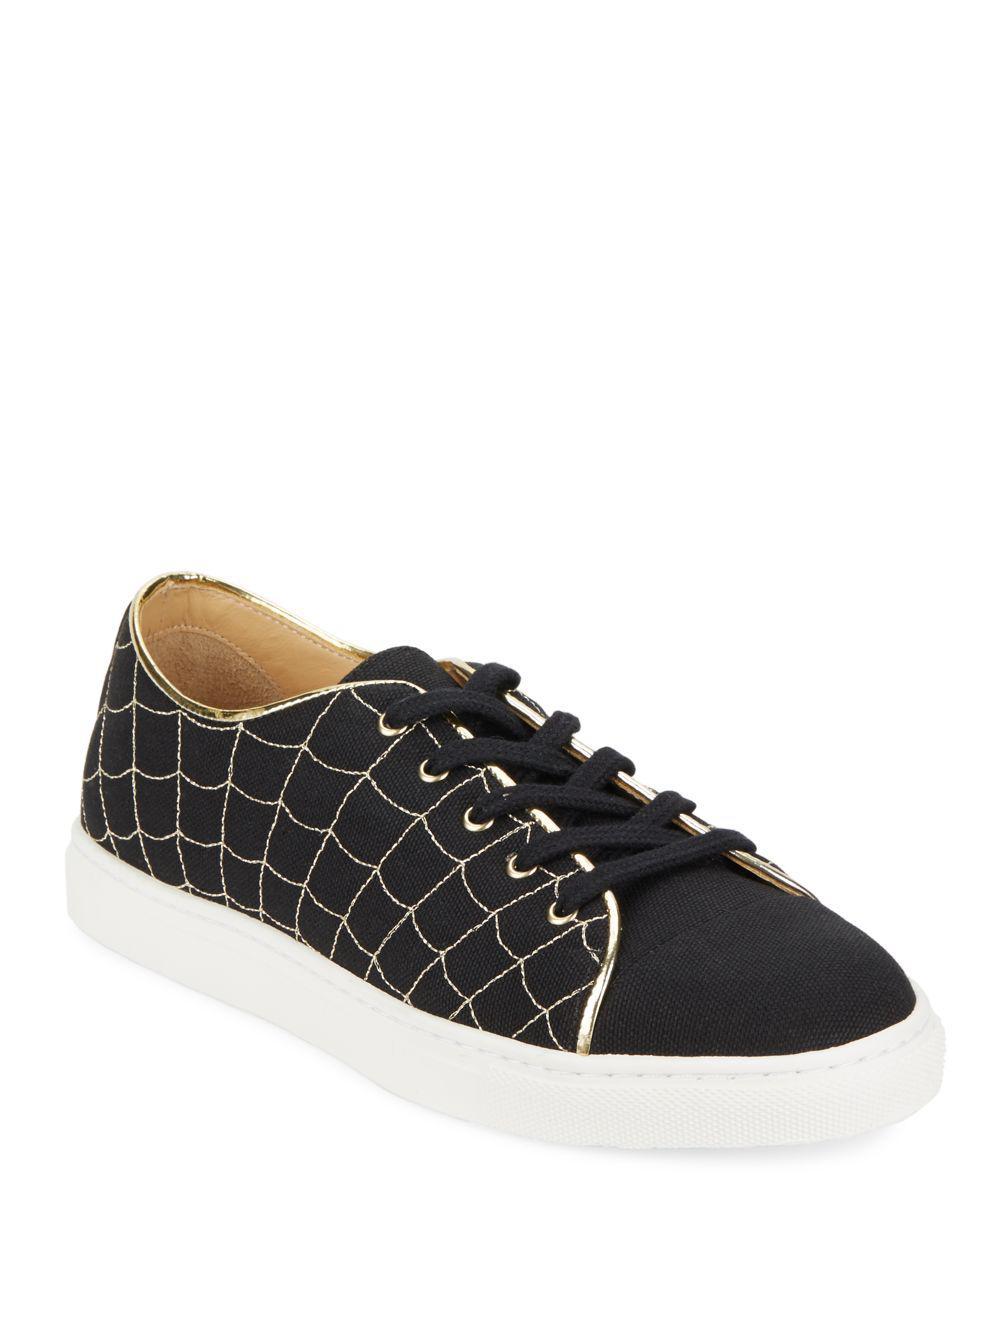 FOOTWEAR - Low-tops & sneakers Charlotte Olympia pcW1dUvu